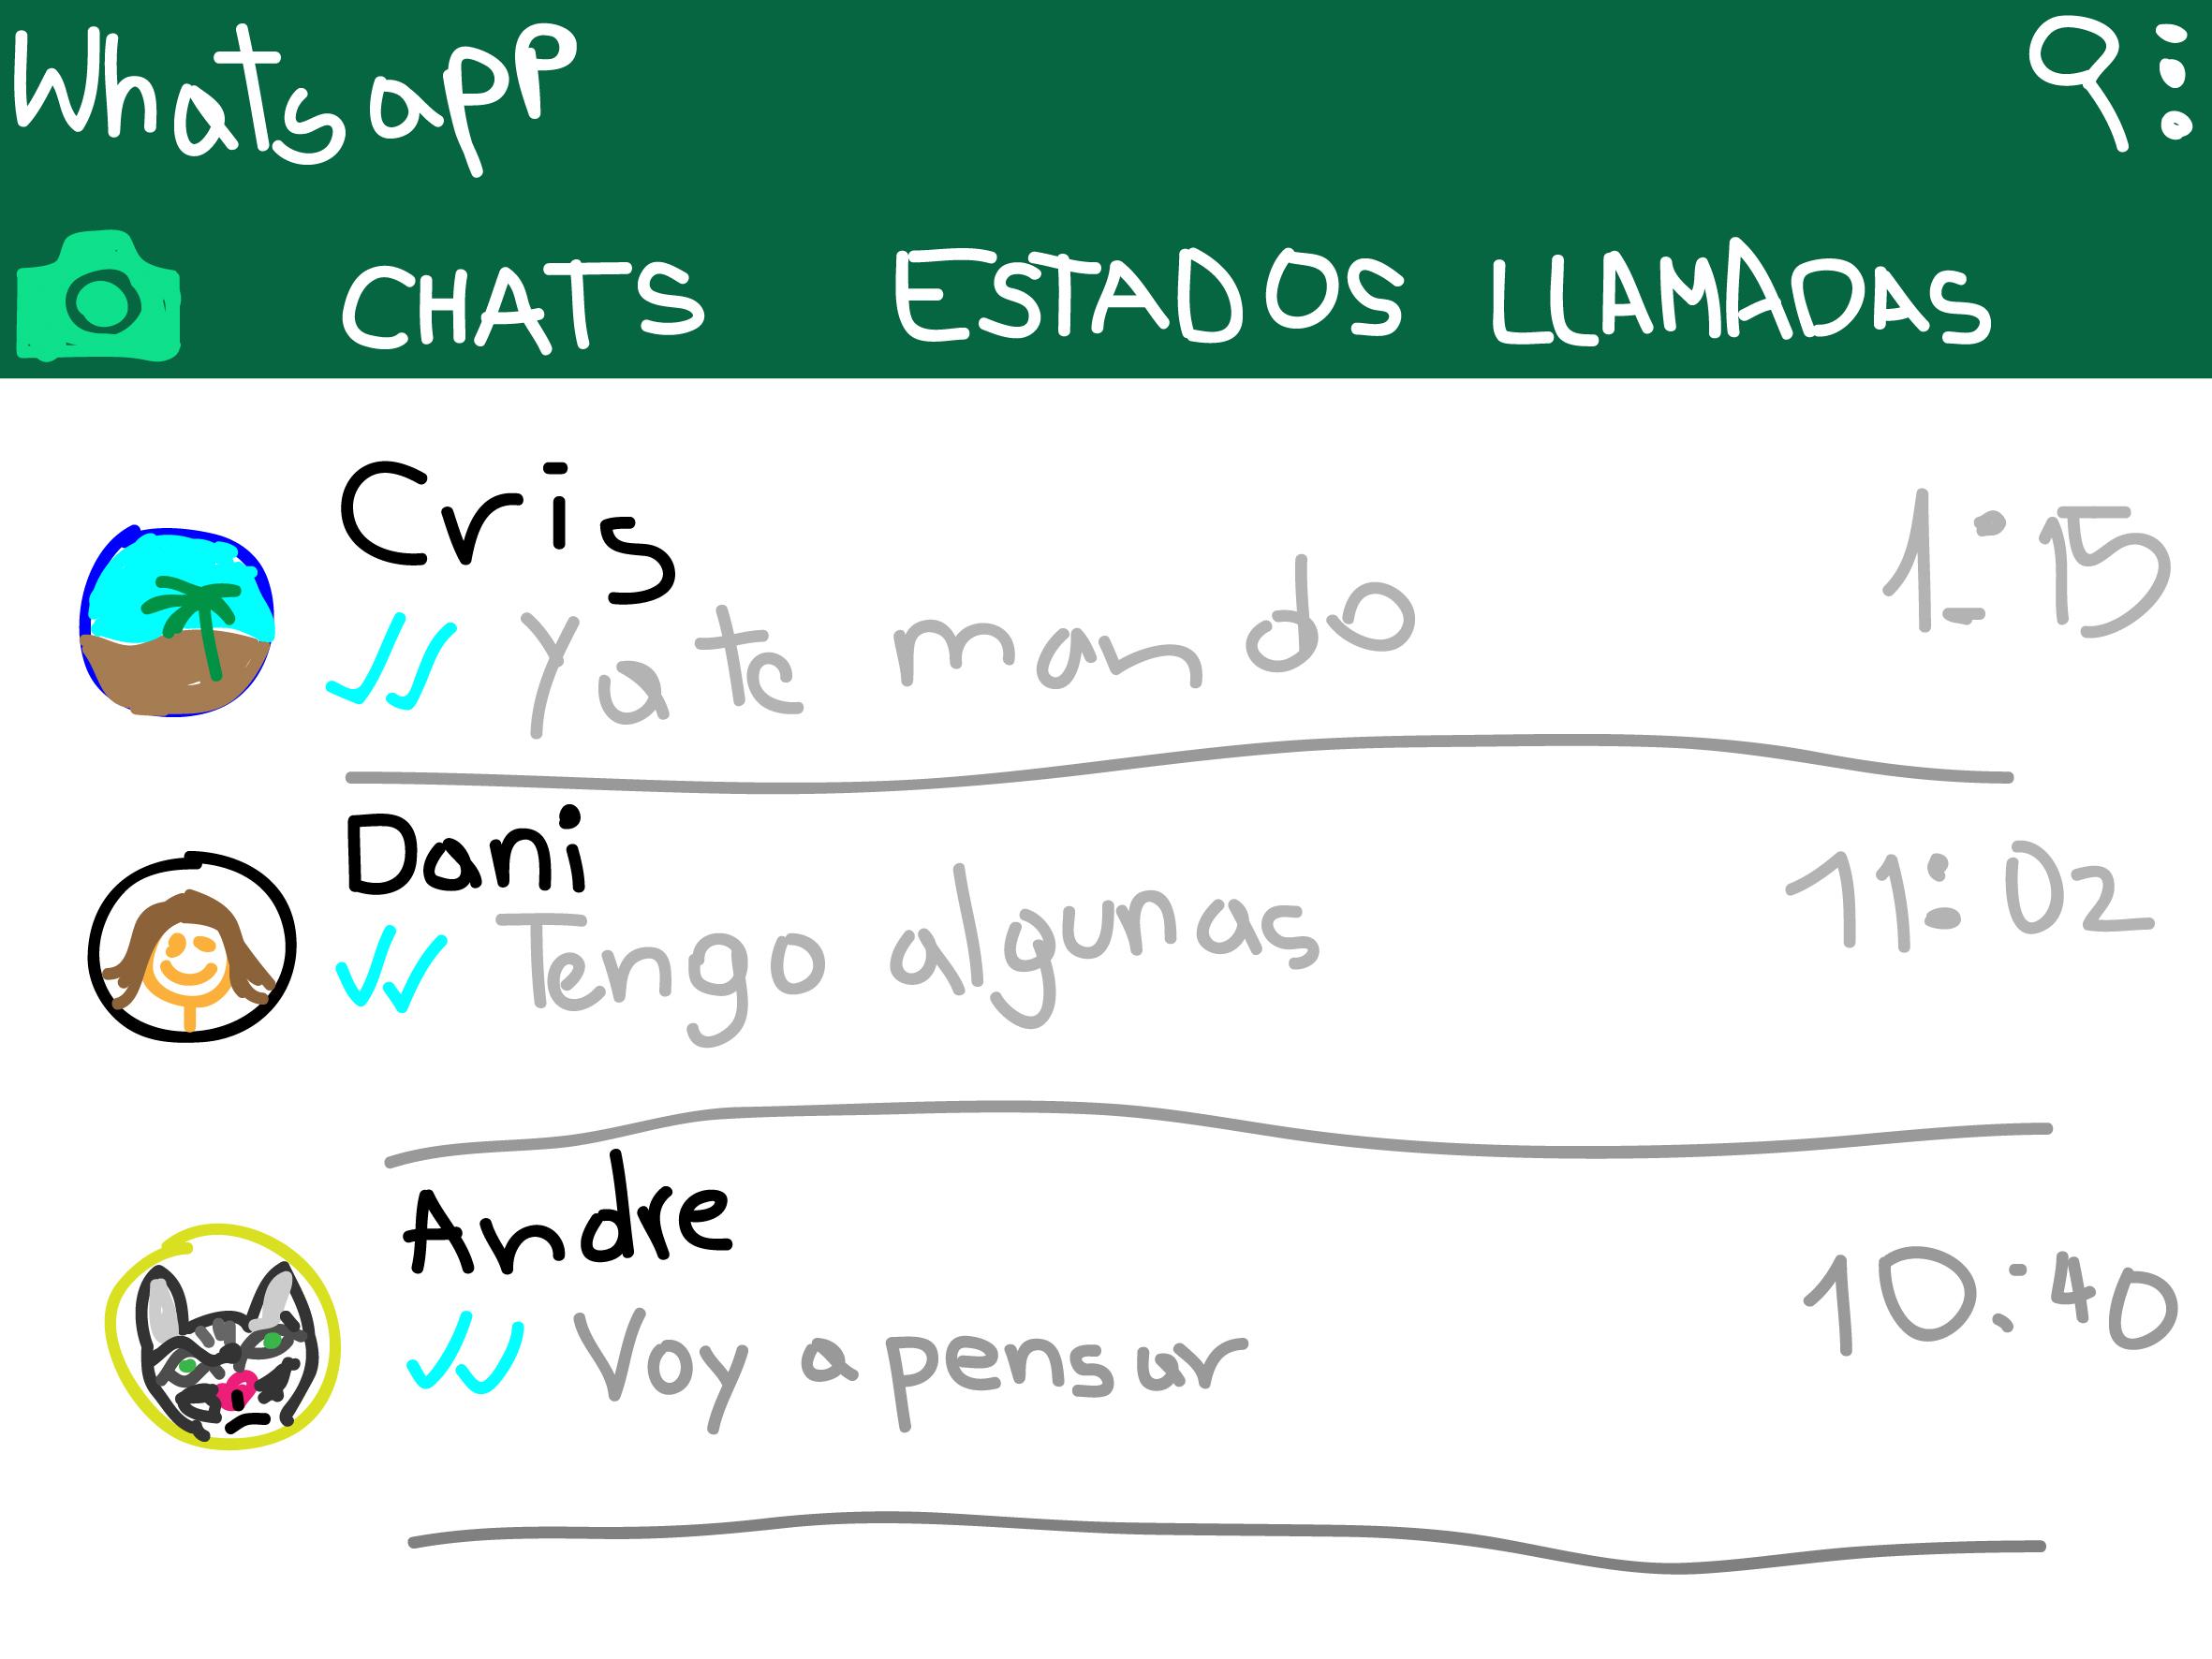 el whatsapp con mis amigas